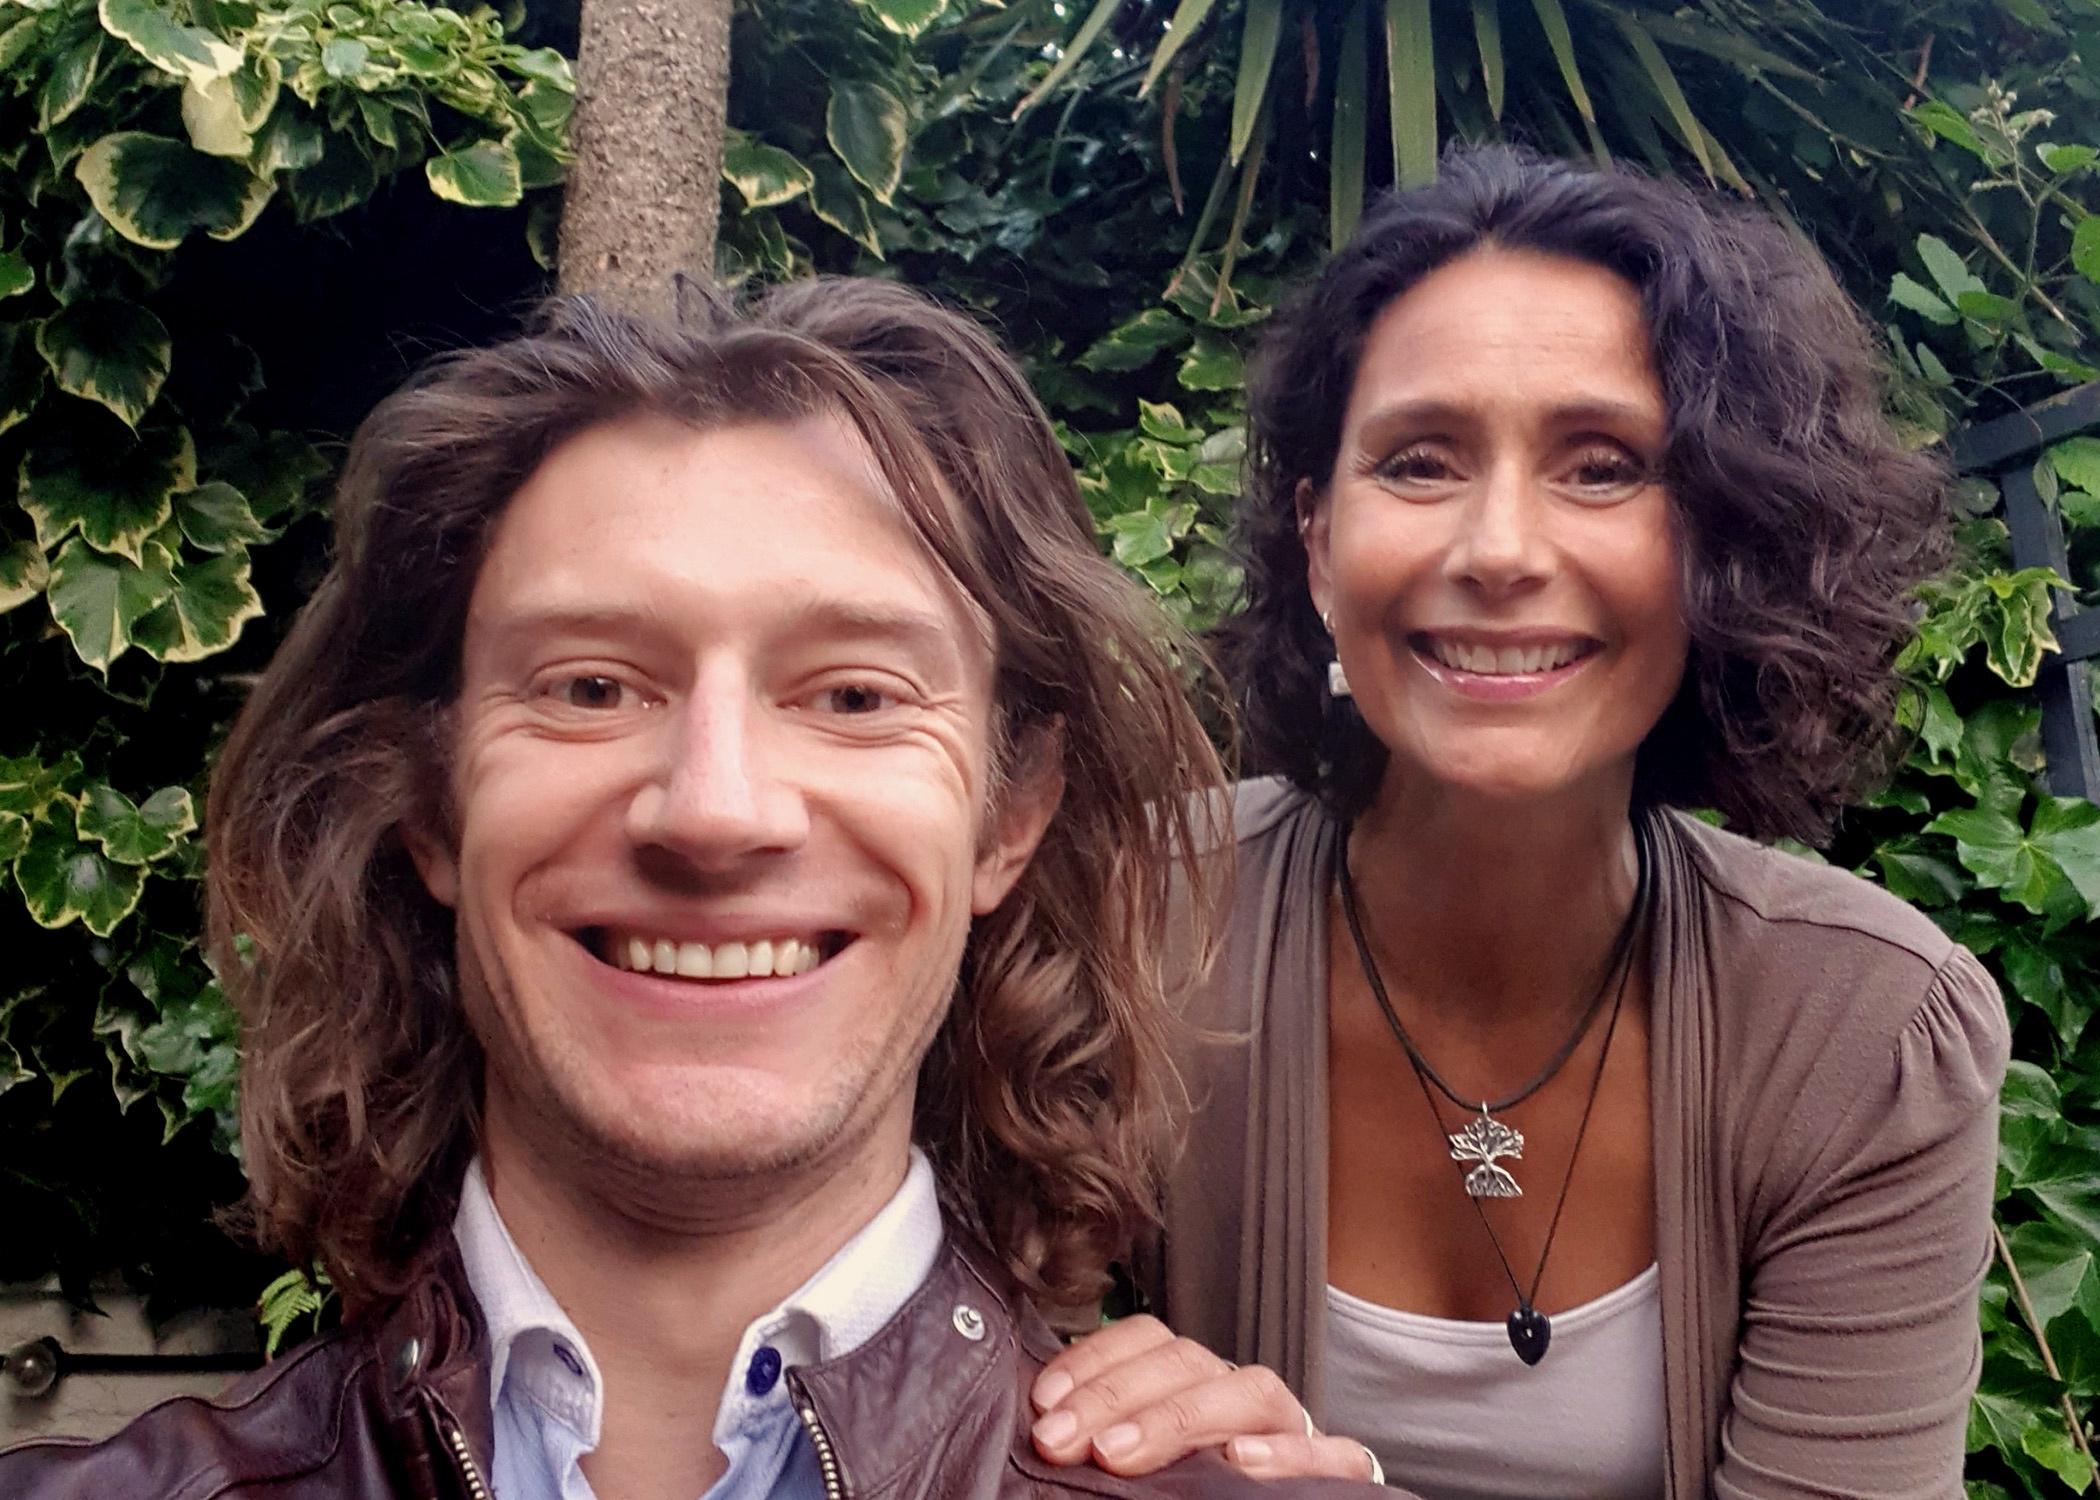 James & Fiona